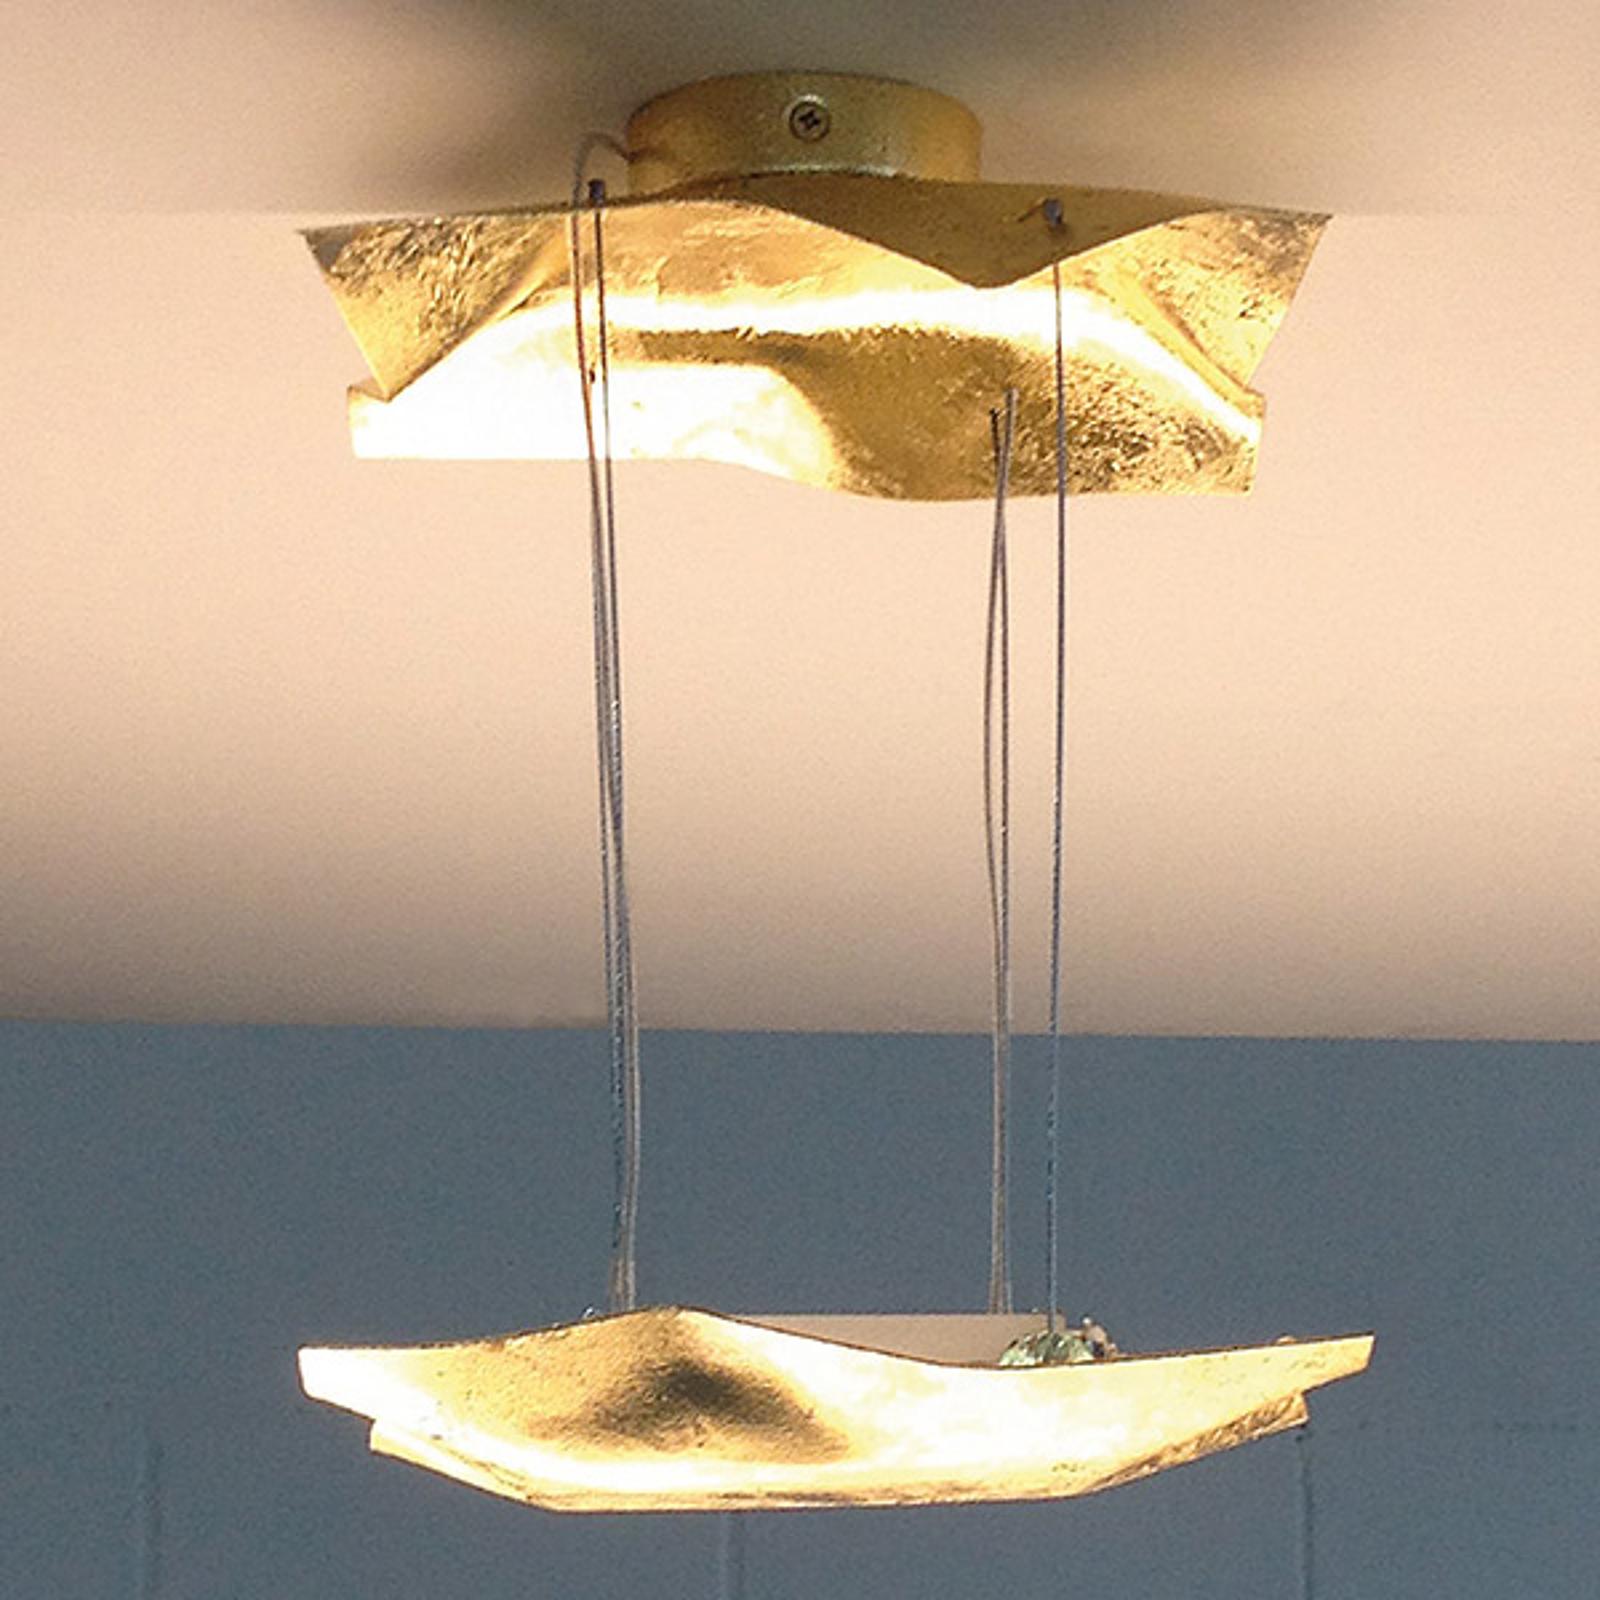 Piccola Crash - lampa wisząca powlekana złotem